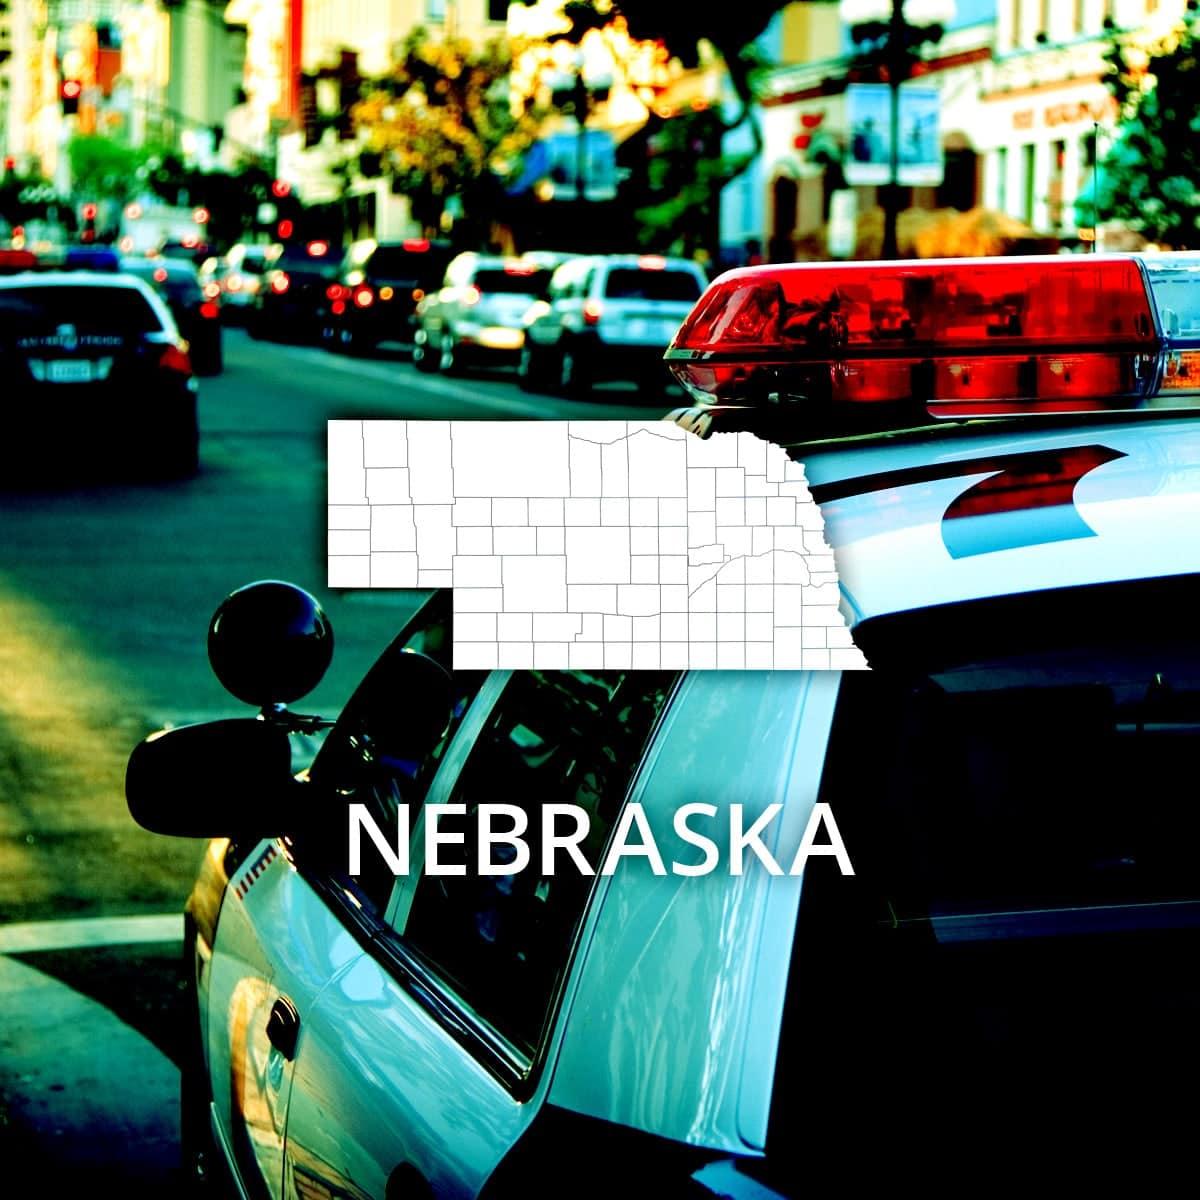 Nebraska Police Records Search & Police Departments Online